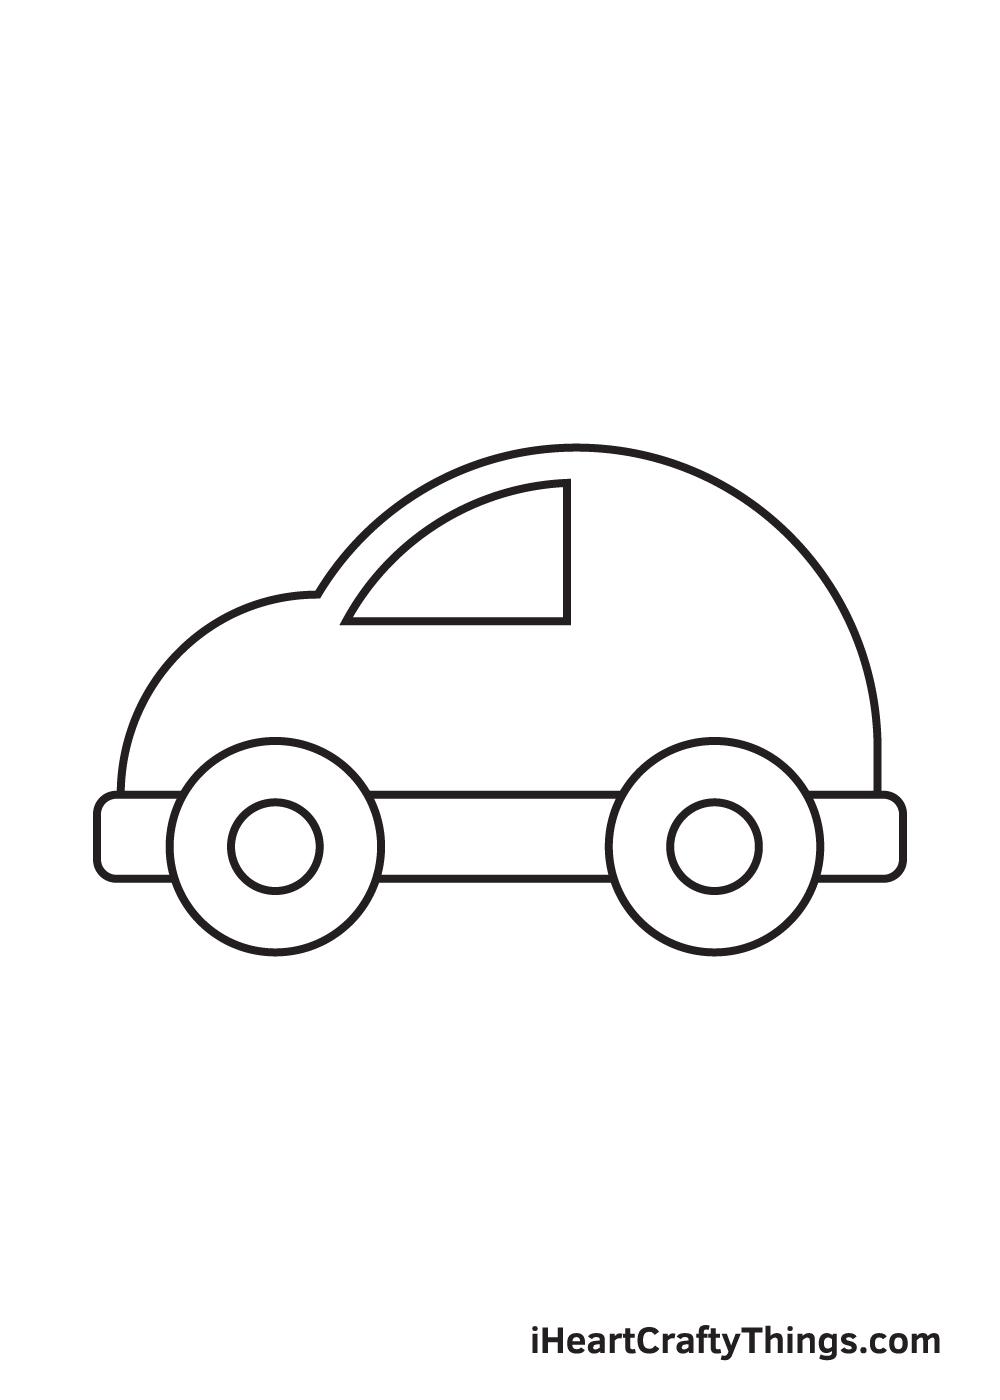 bản vẽ ô tô - bước 5